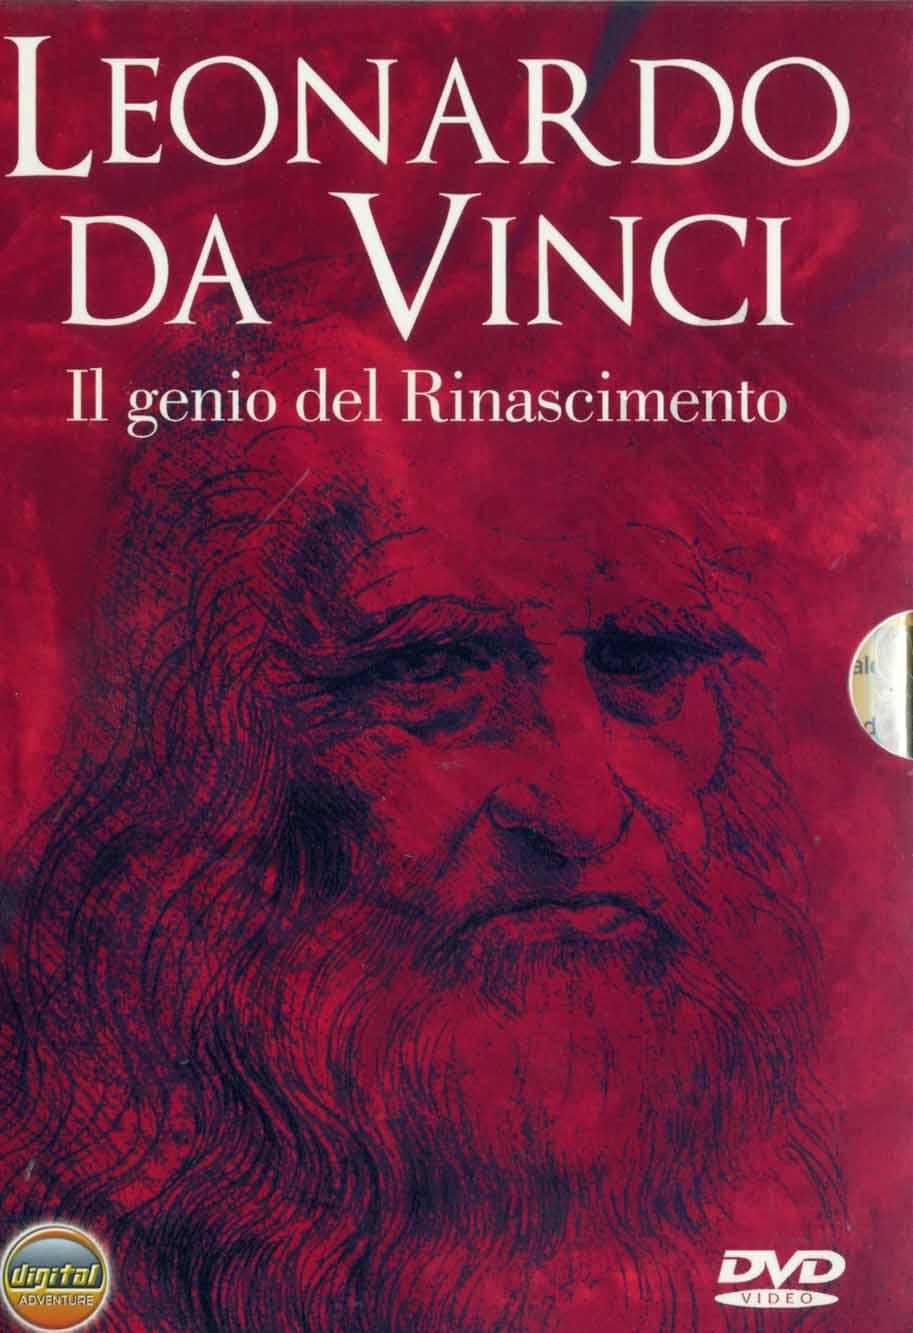 Cofanetto LEONARDO DA VINCI: Il Genio del Rinascimento DVD